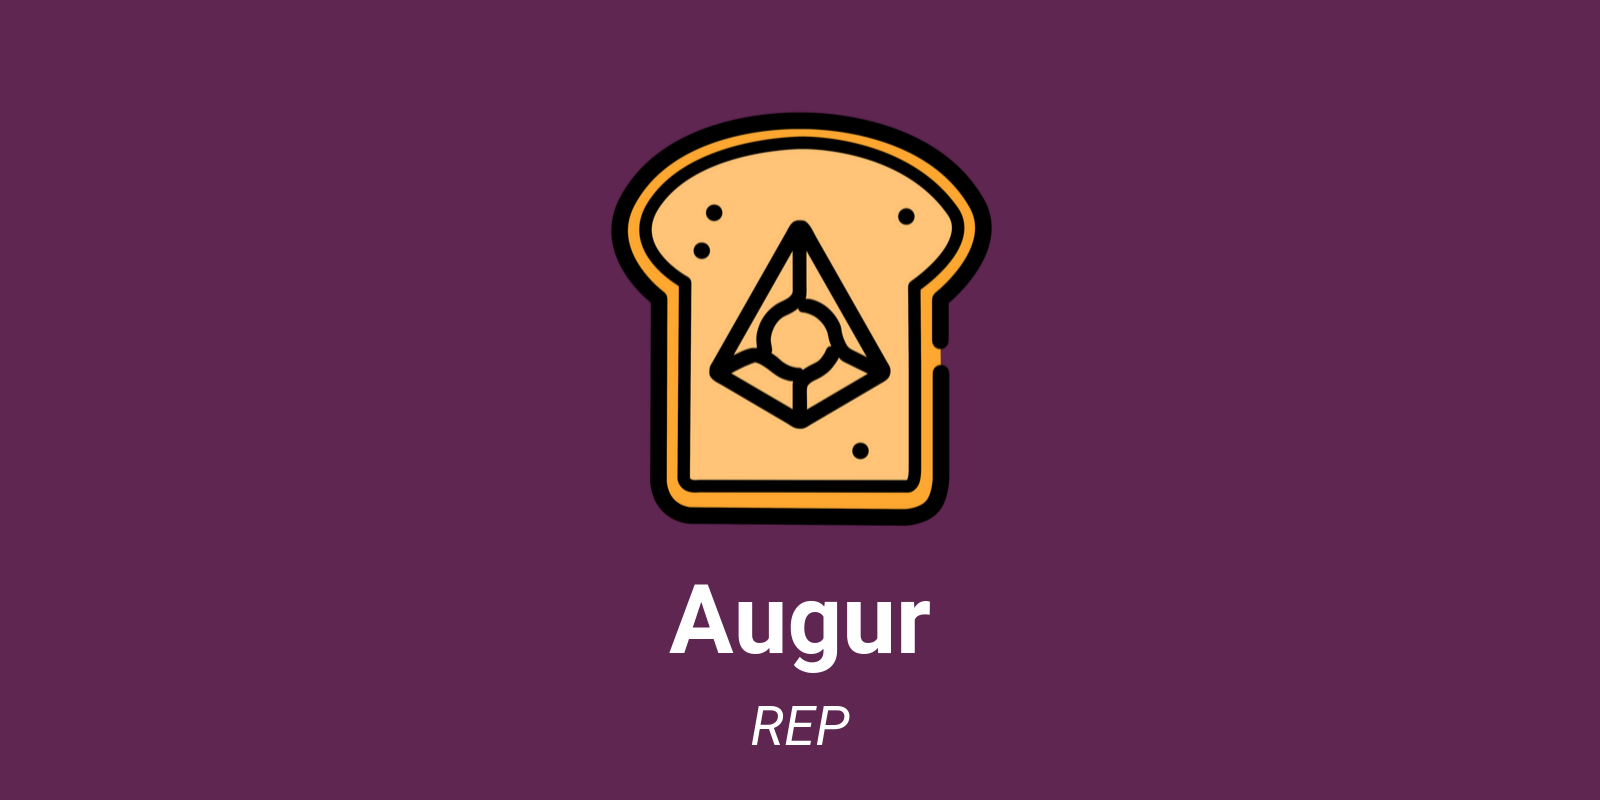 Crypto Augur (REP)